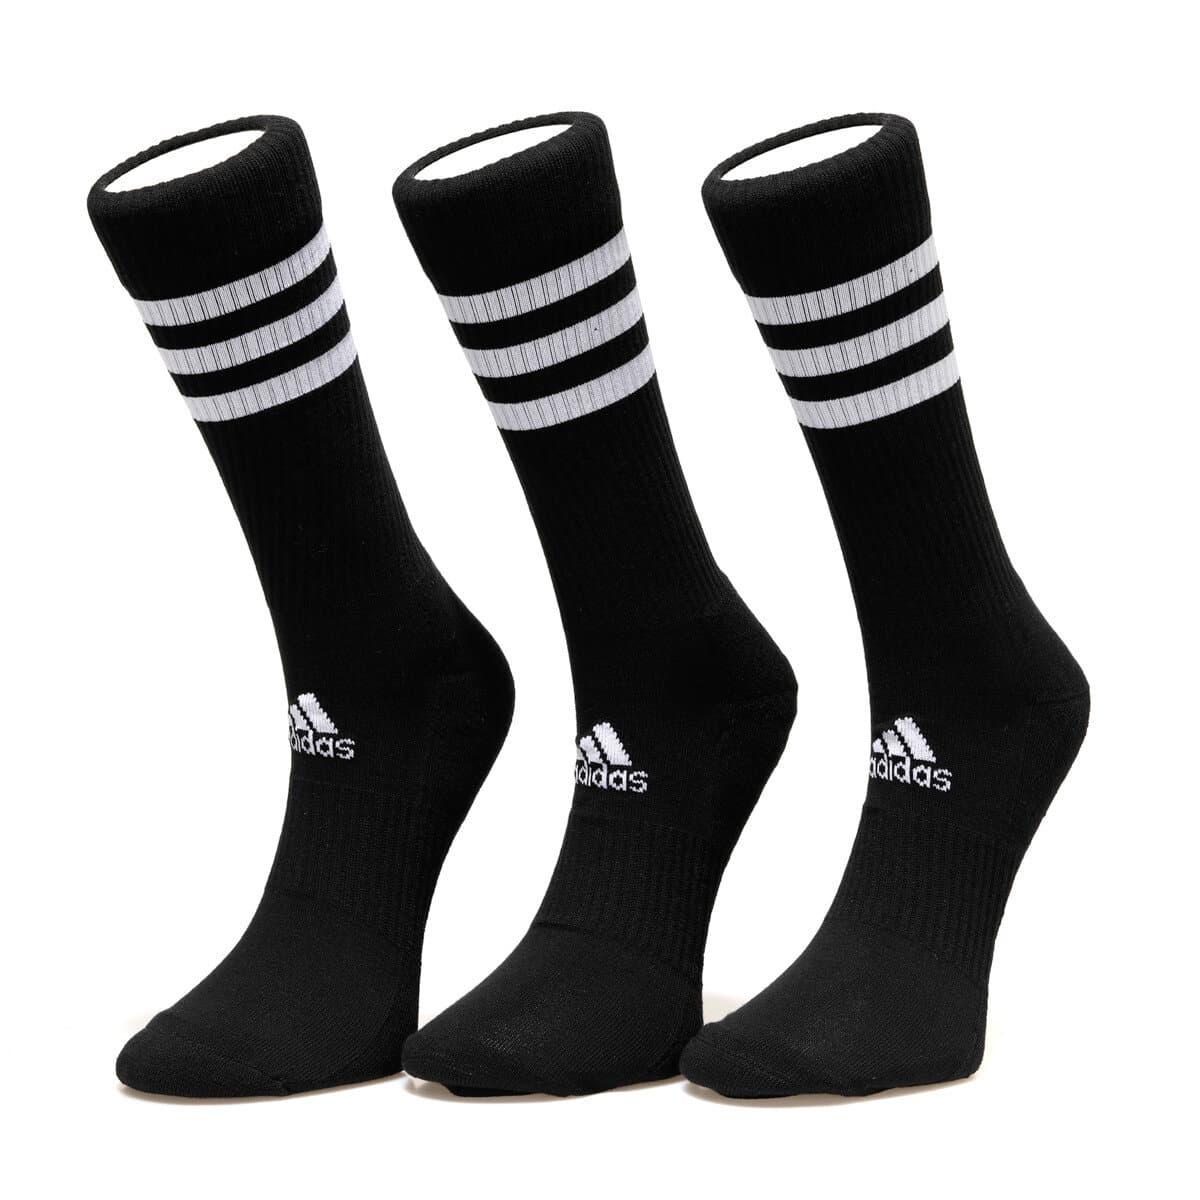 3 Bantlı Yastıklamalı 3 Çift Siyah Çorap (DZ9347)